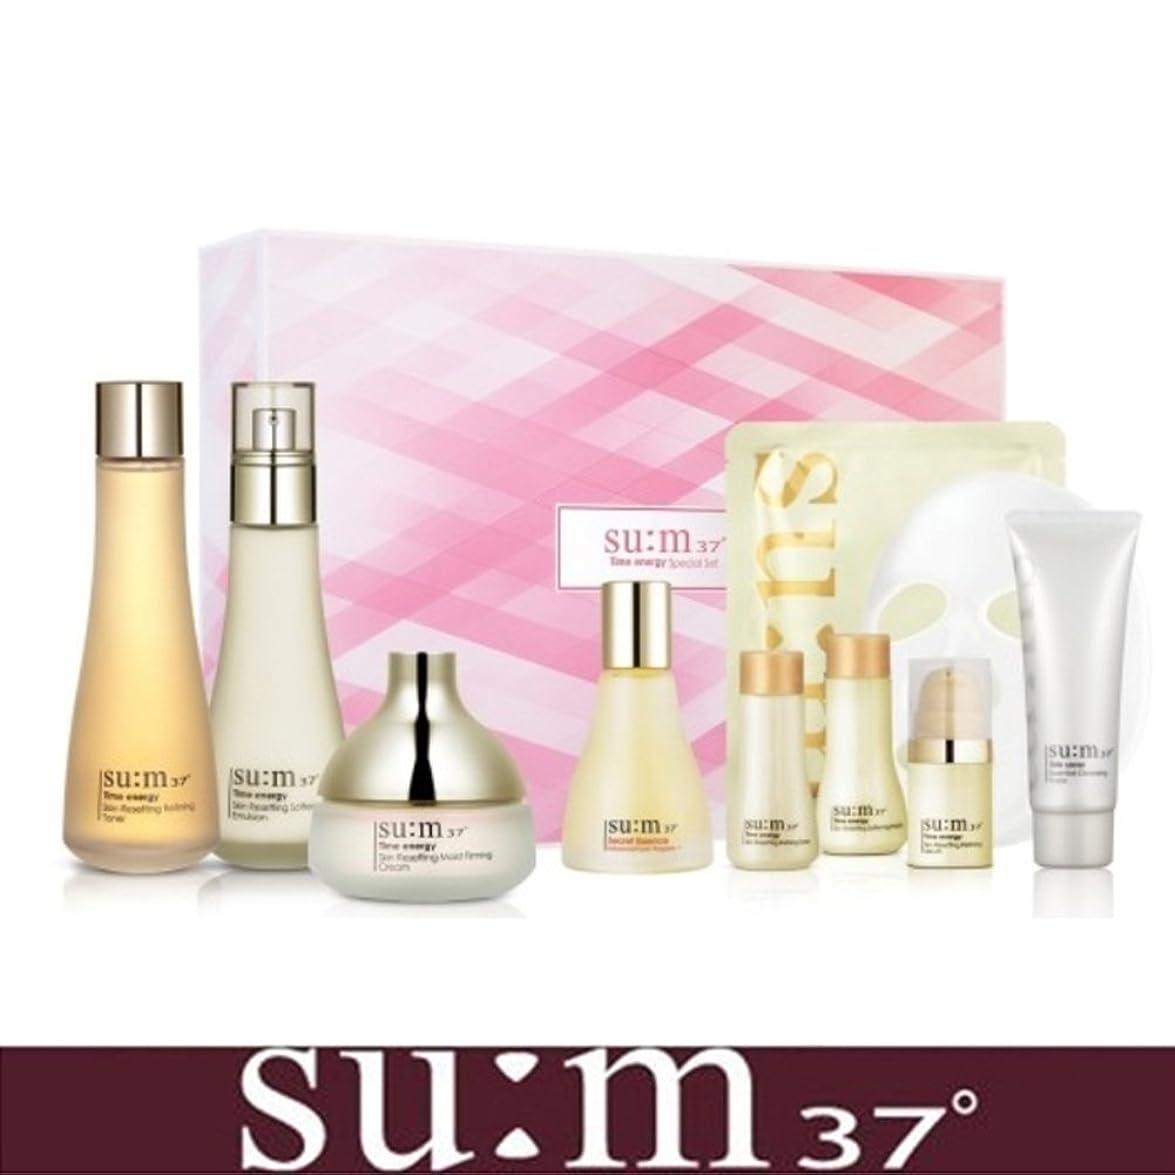 大使館磁気ミント[su:m37/スム37°] SUM37 Time Energy 3pcs Special Skincare Set / タイムエネルギーの3種のスペシャルセット+[Sample Gift](海外直送品)